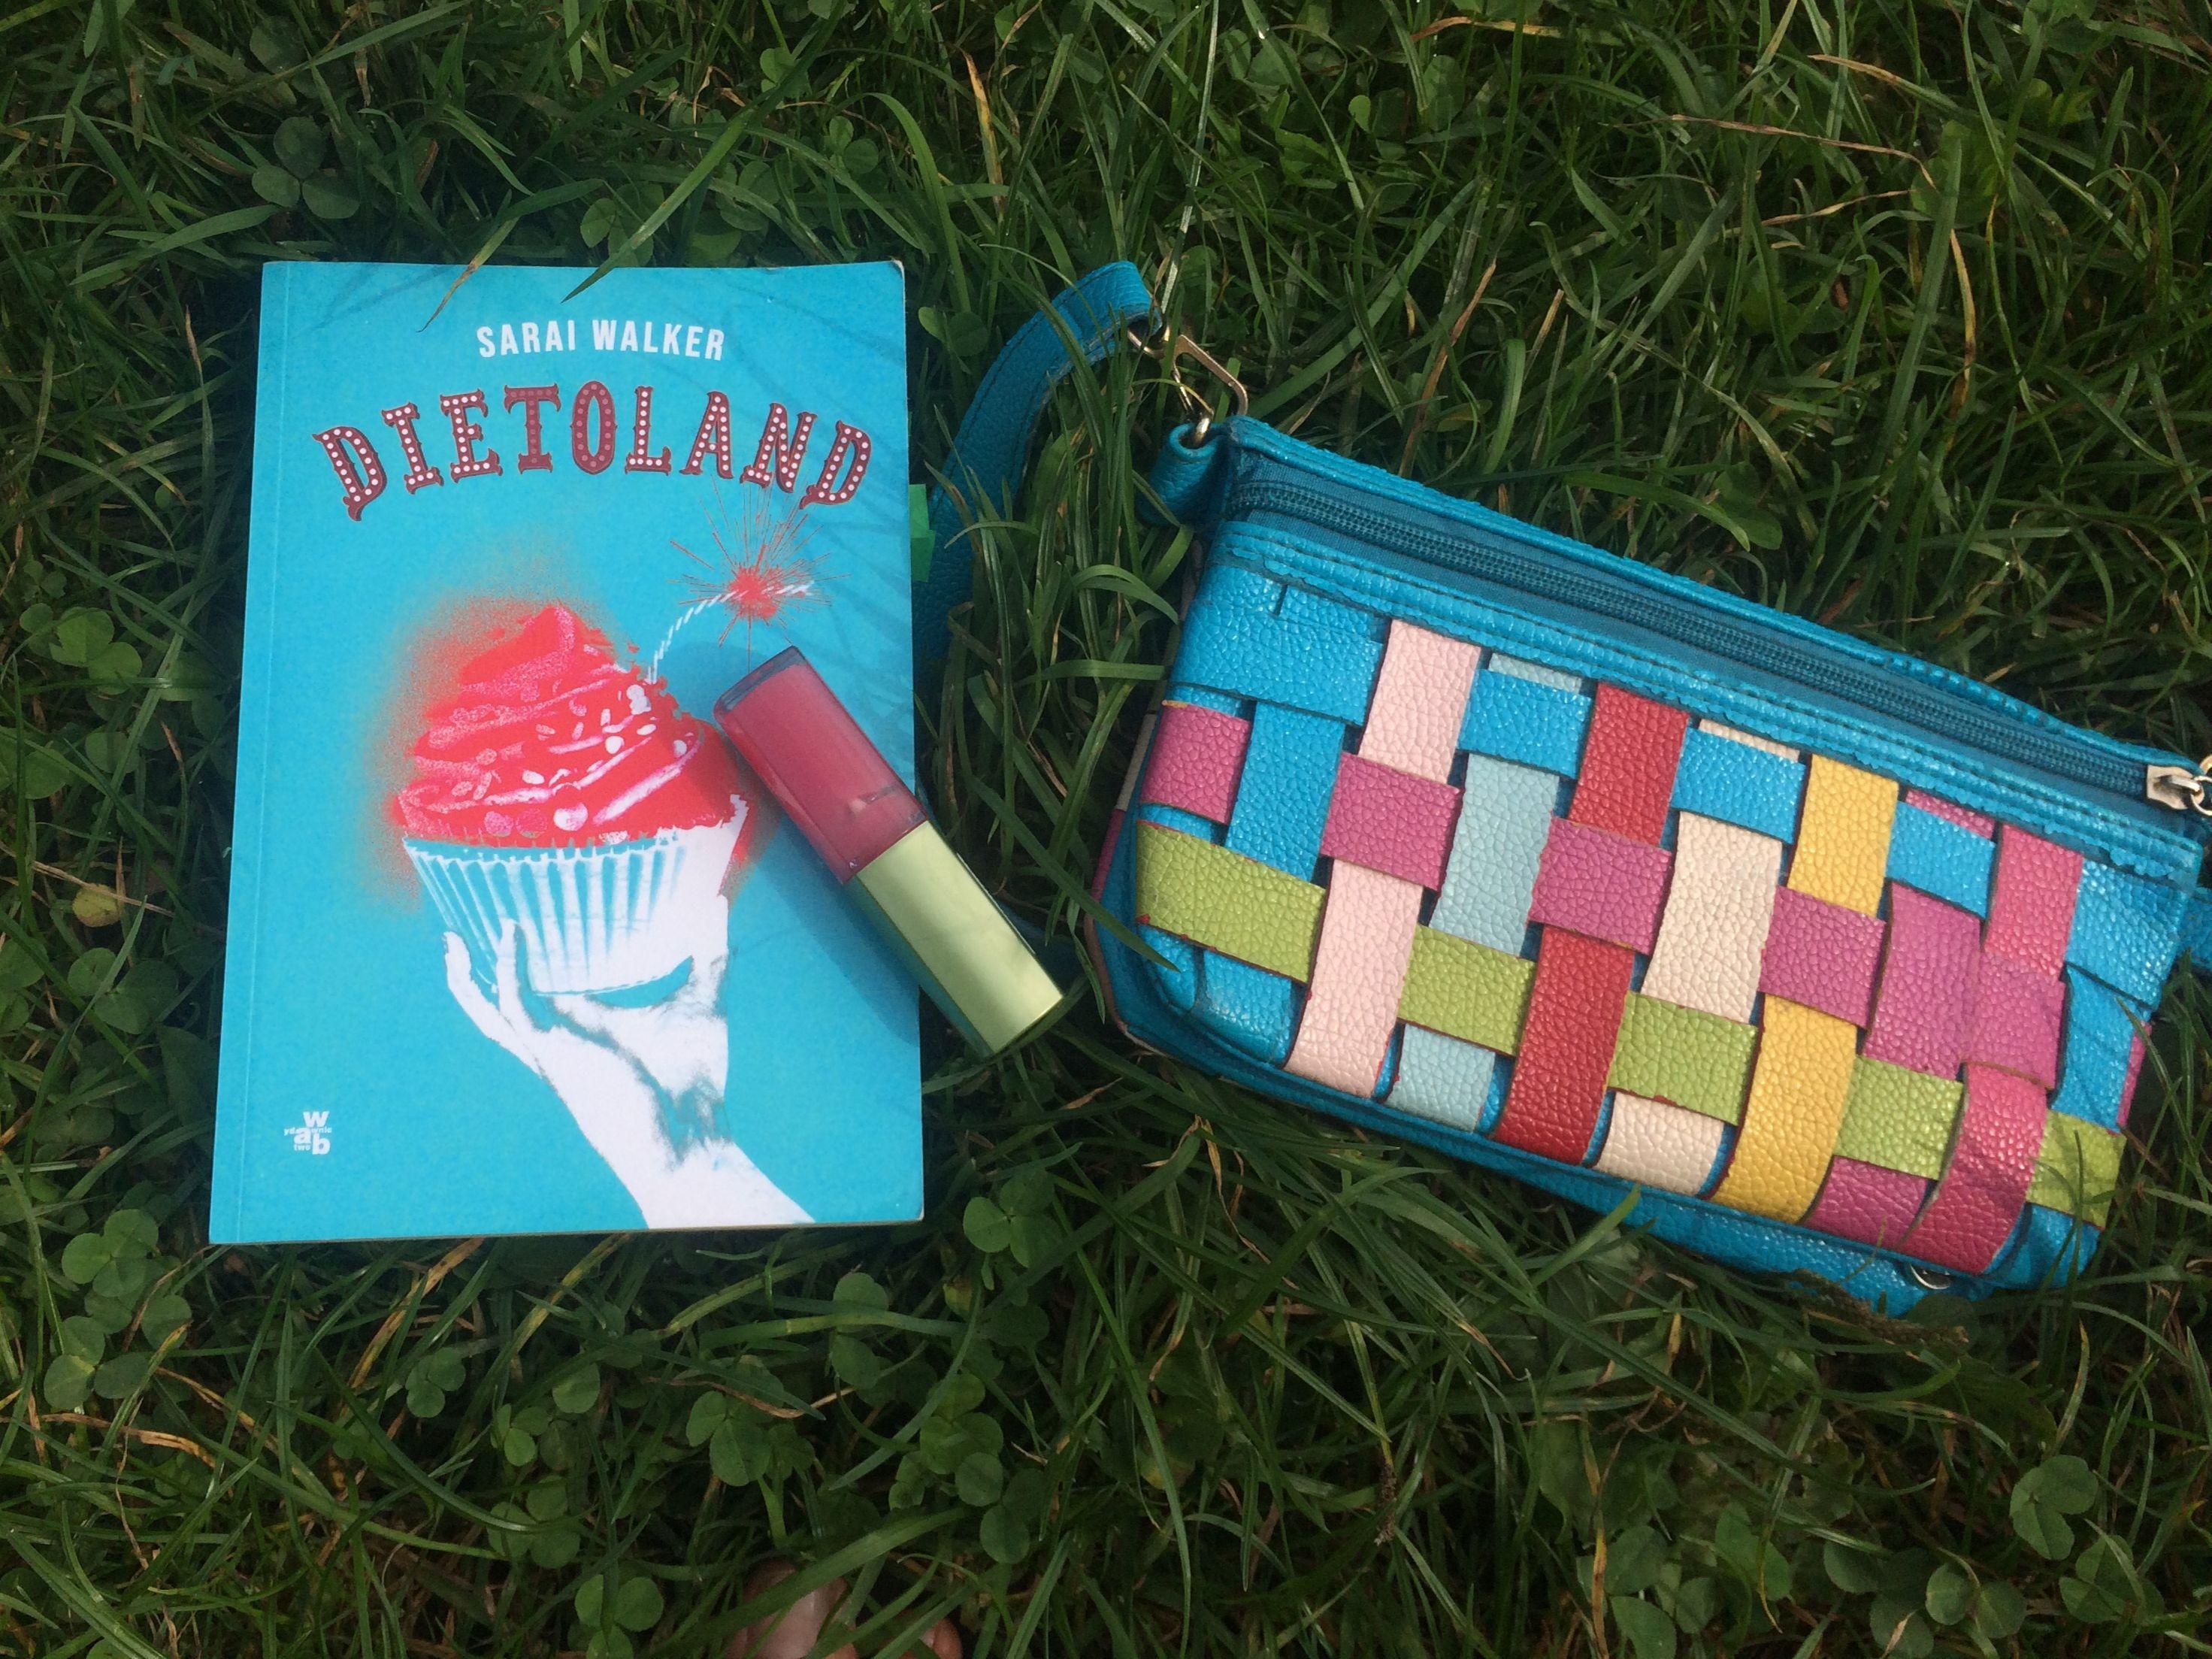 Dietoland, Obsesja piękna i Wściekły kucharz – czyli co czytam we wrześniu